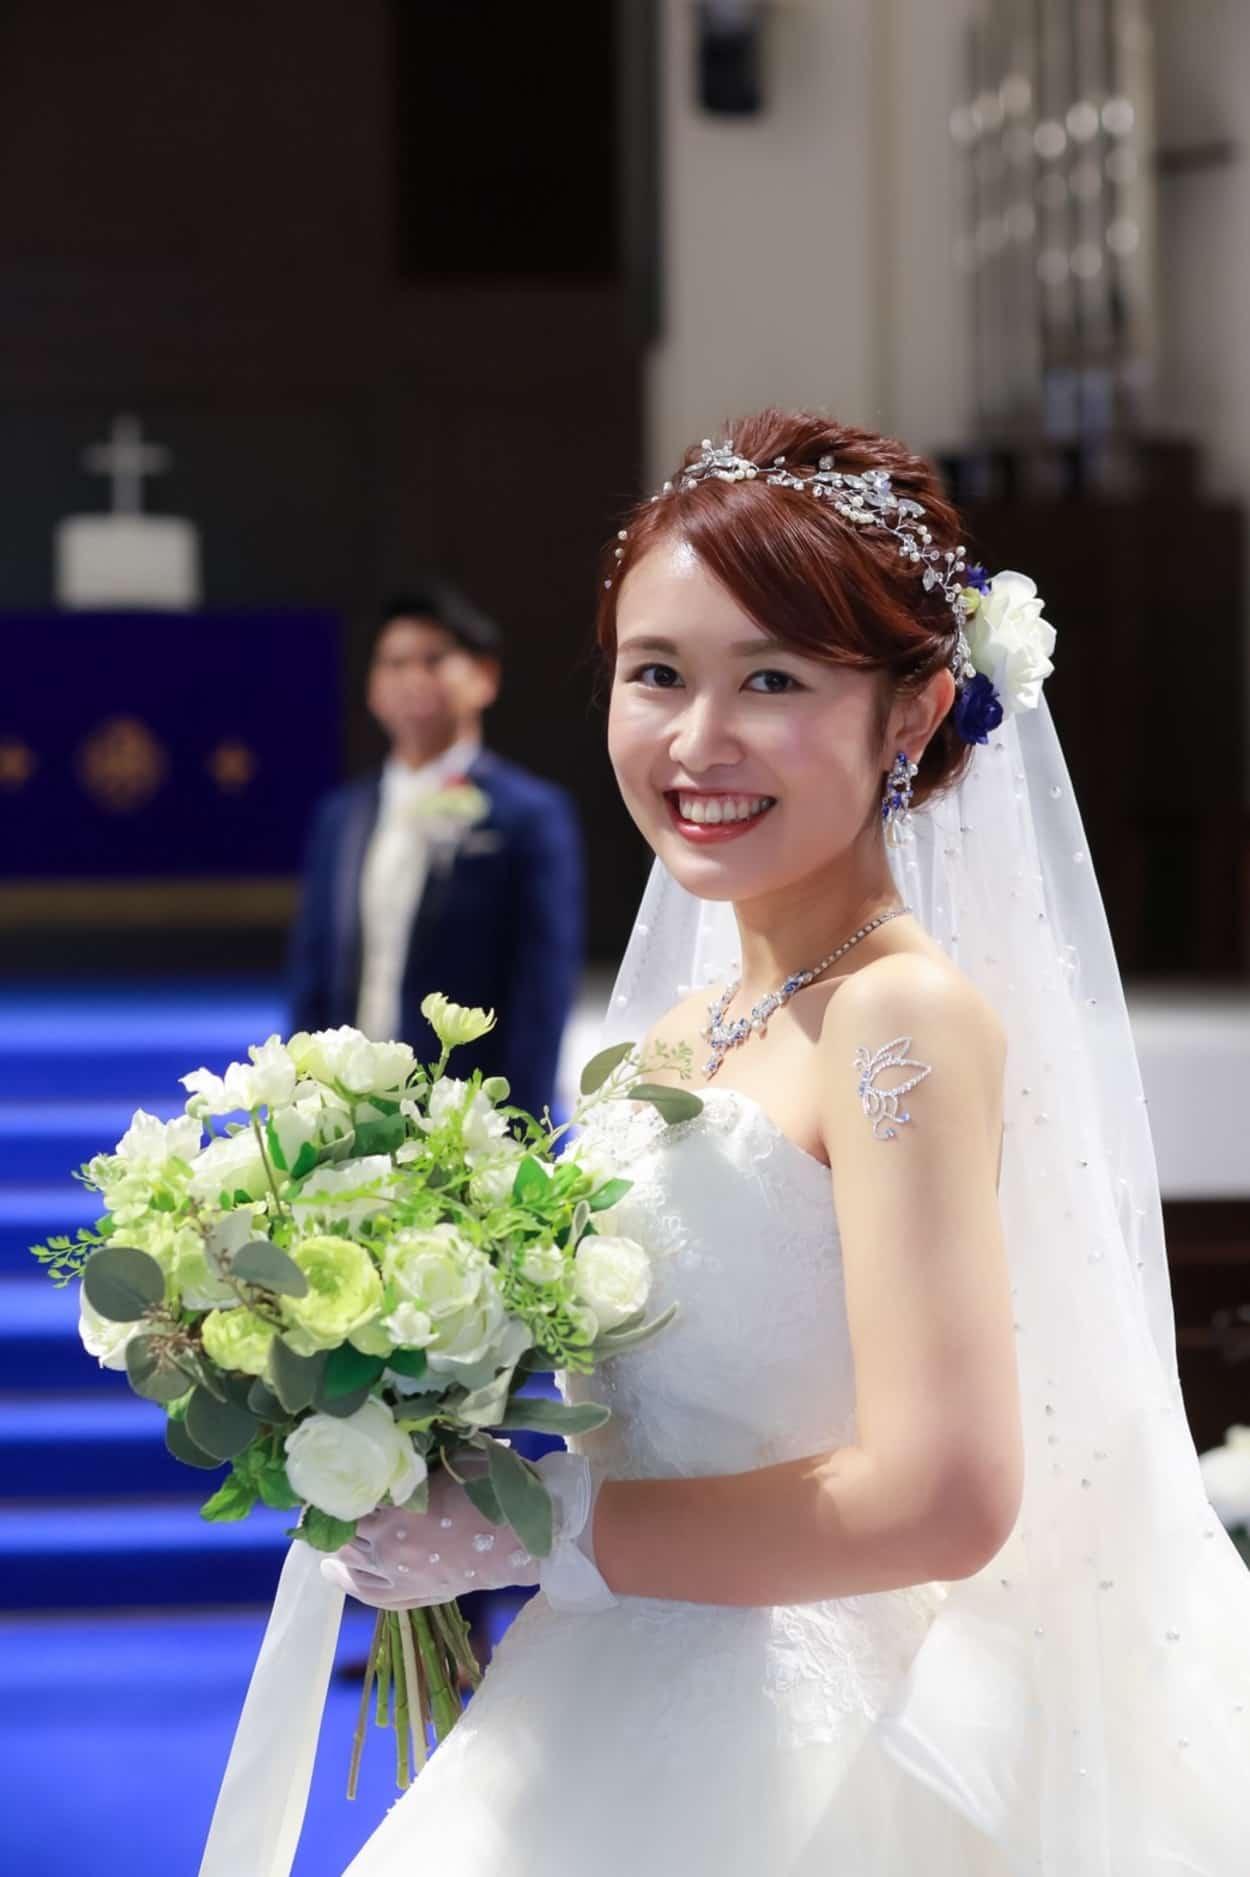 花嫁 髪型 アップスタイルにヘア アクセサリー ウェディングドレス着用